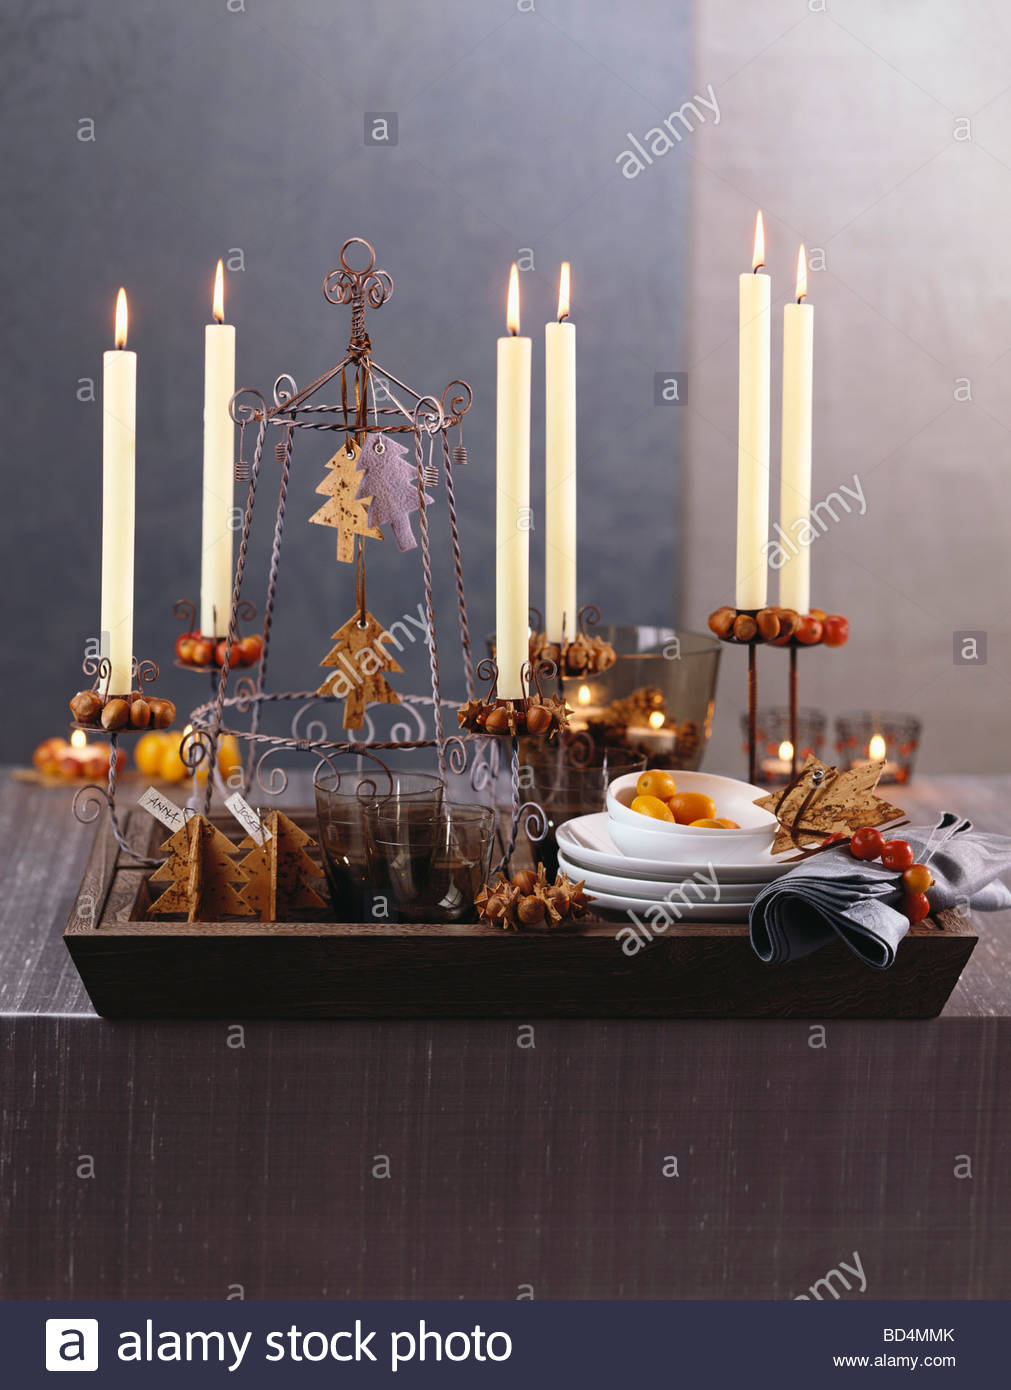 weihnachtsschmuck skandinavischer stil stockfoto bild 25304963 alamy. Black Bedroom Furniture Sets. Home Design Ideas